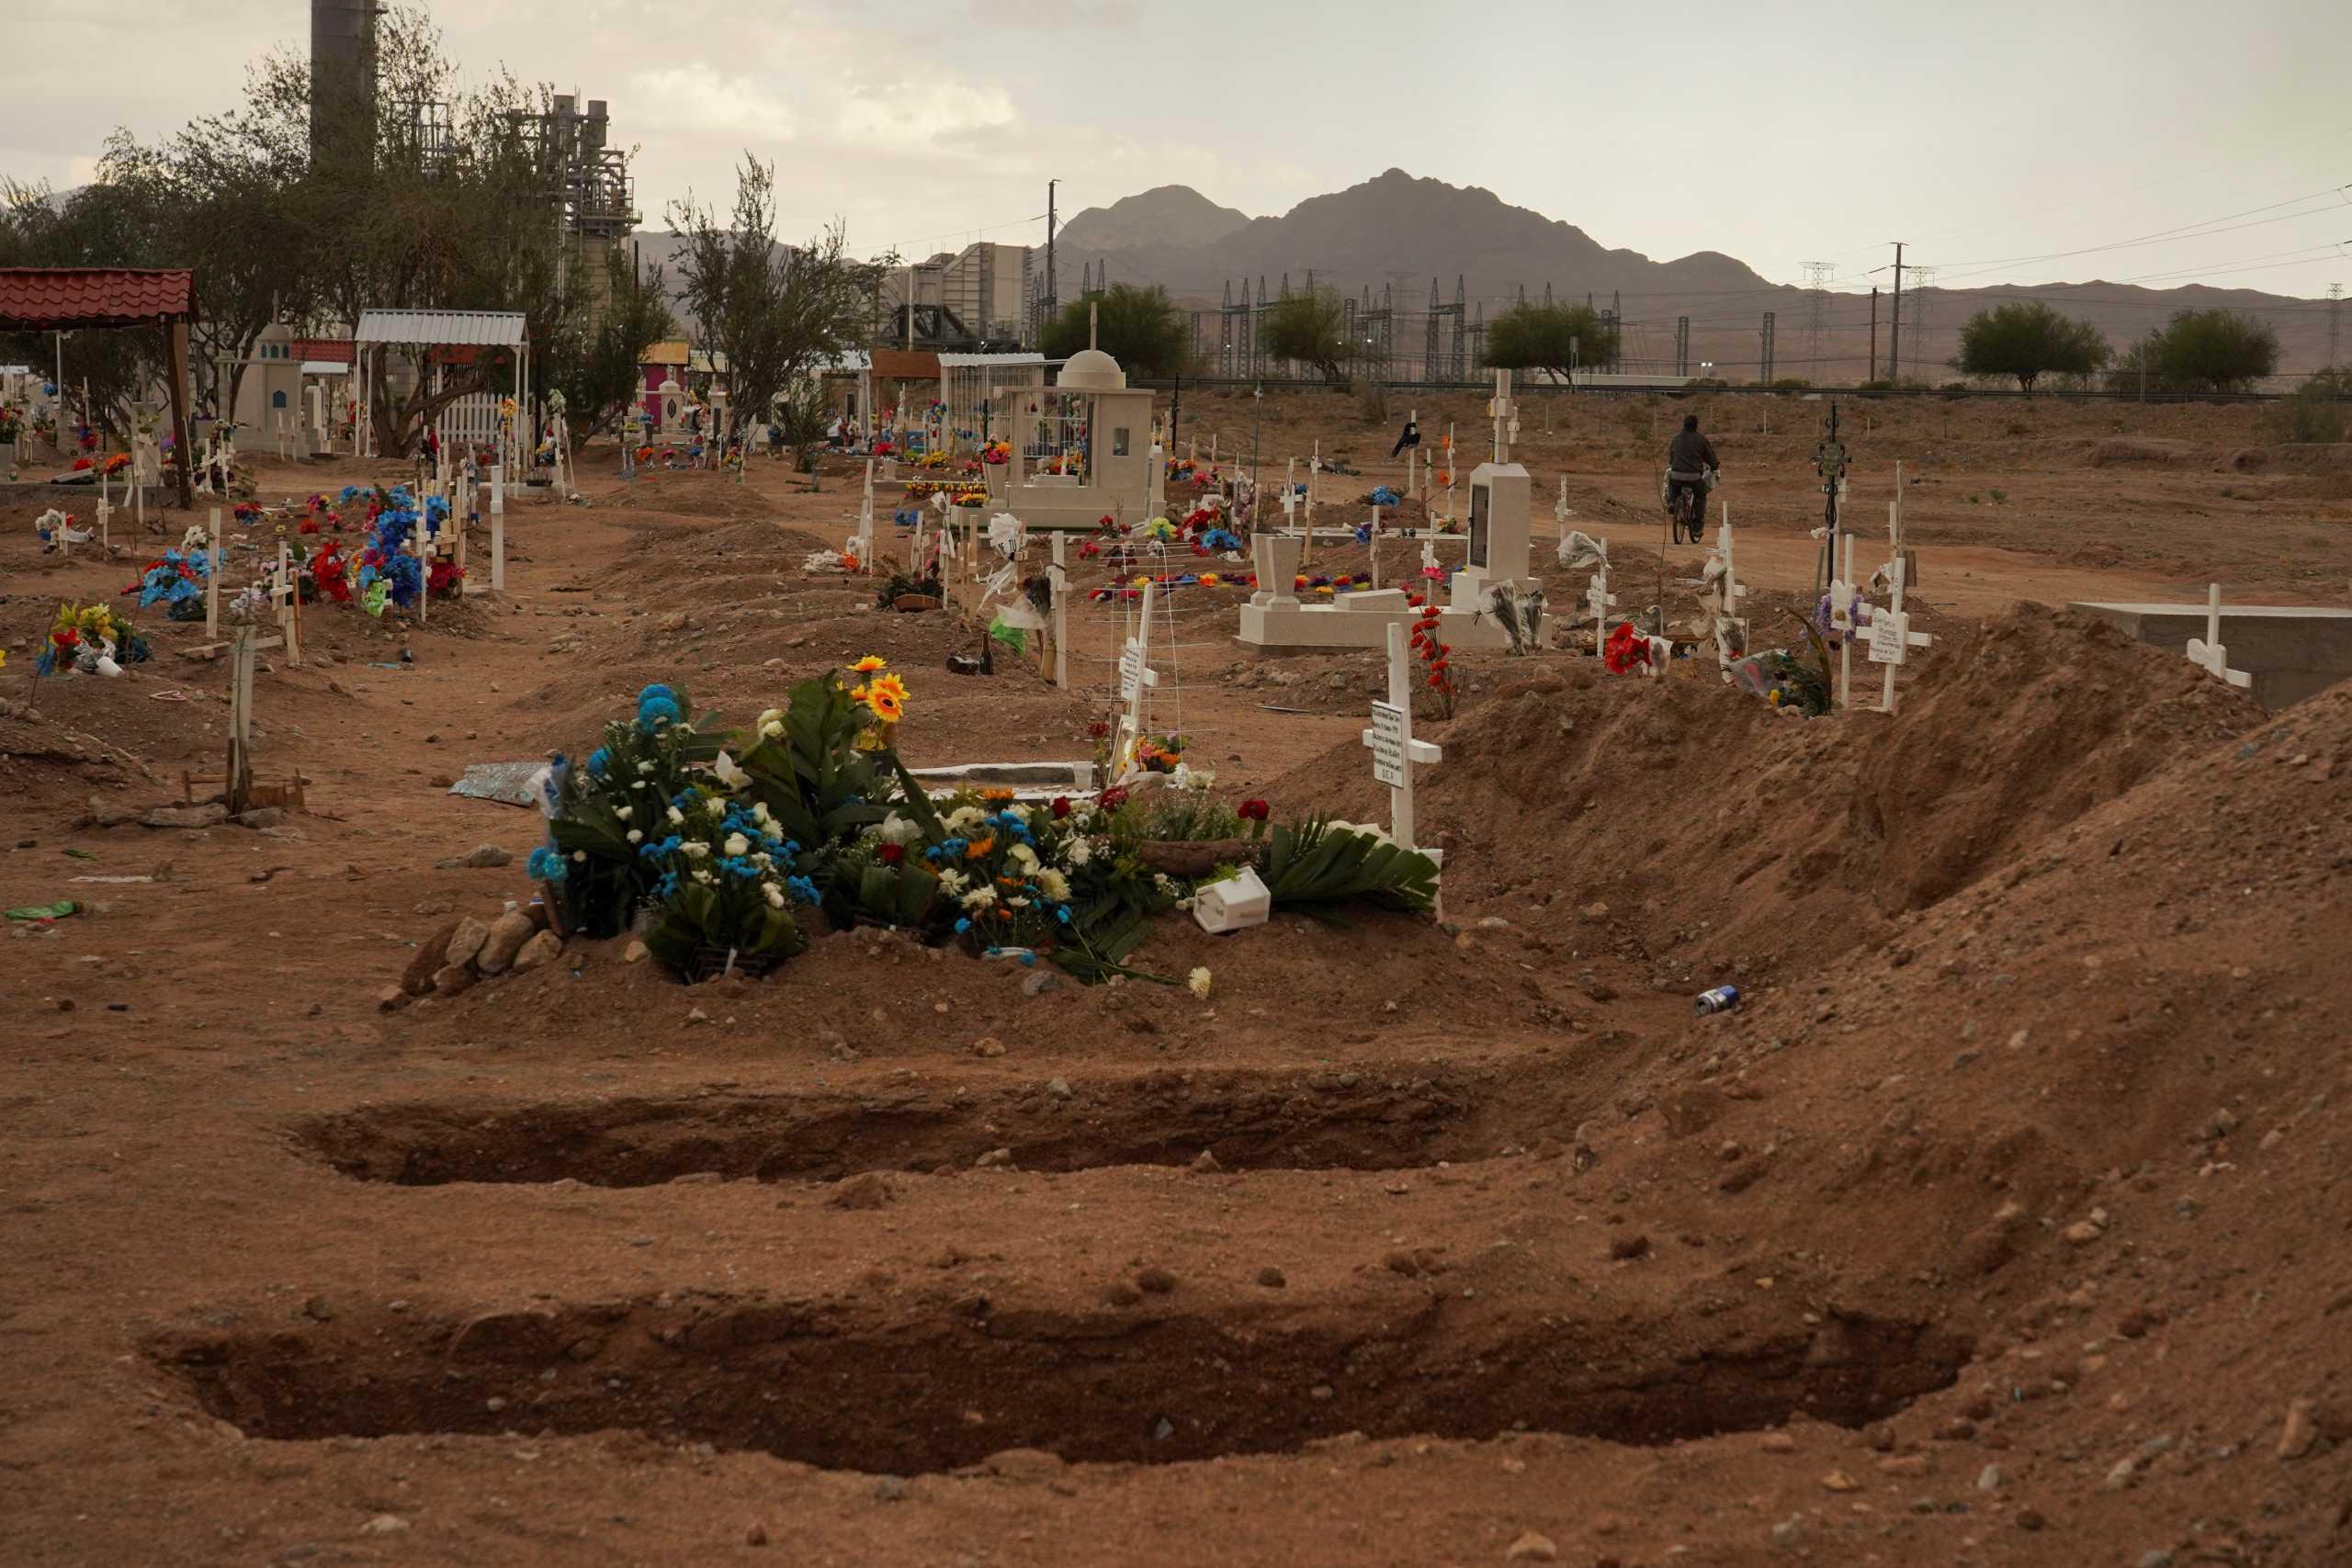 Λατινική Αμερική: 25 εκατ. κρούσματα κορονοϊού και 790.000 θάνατοι